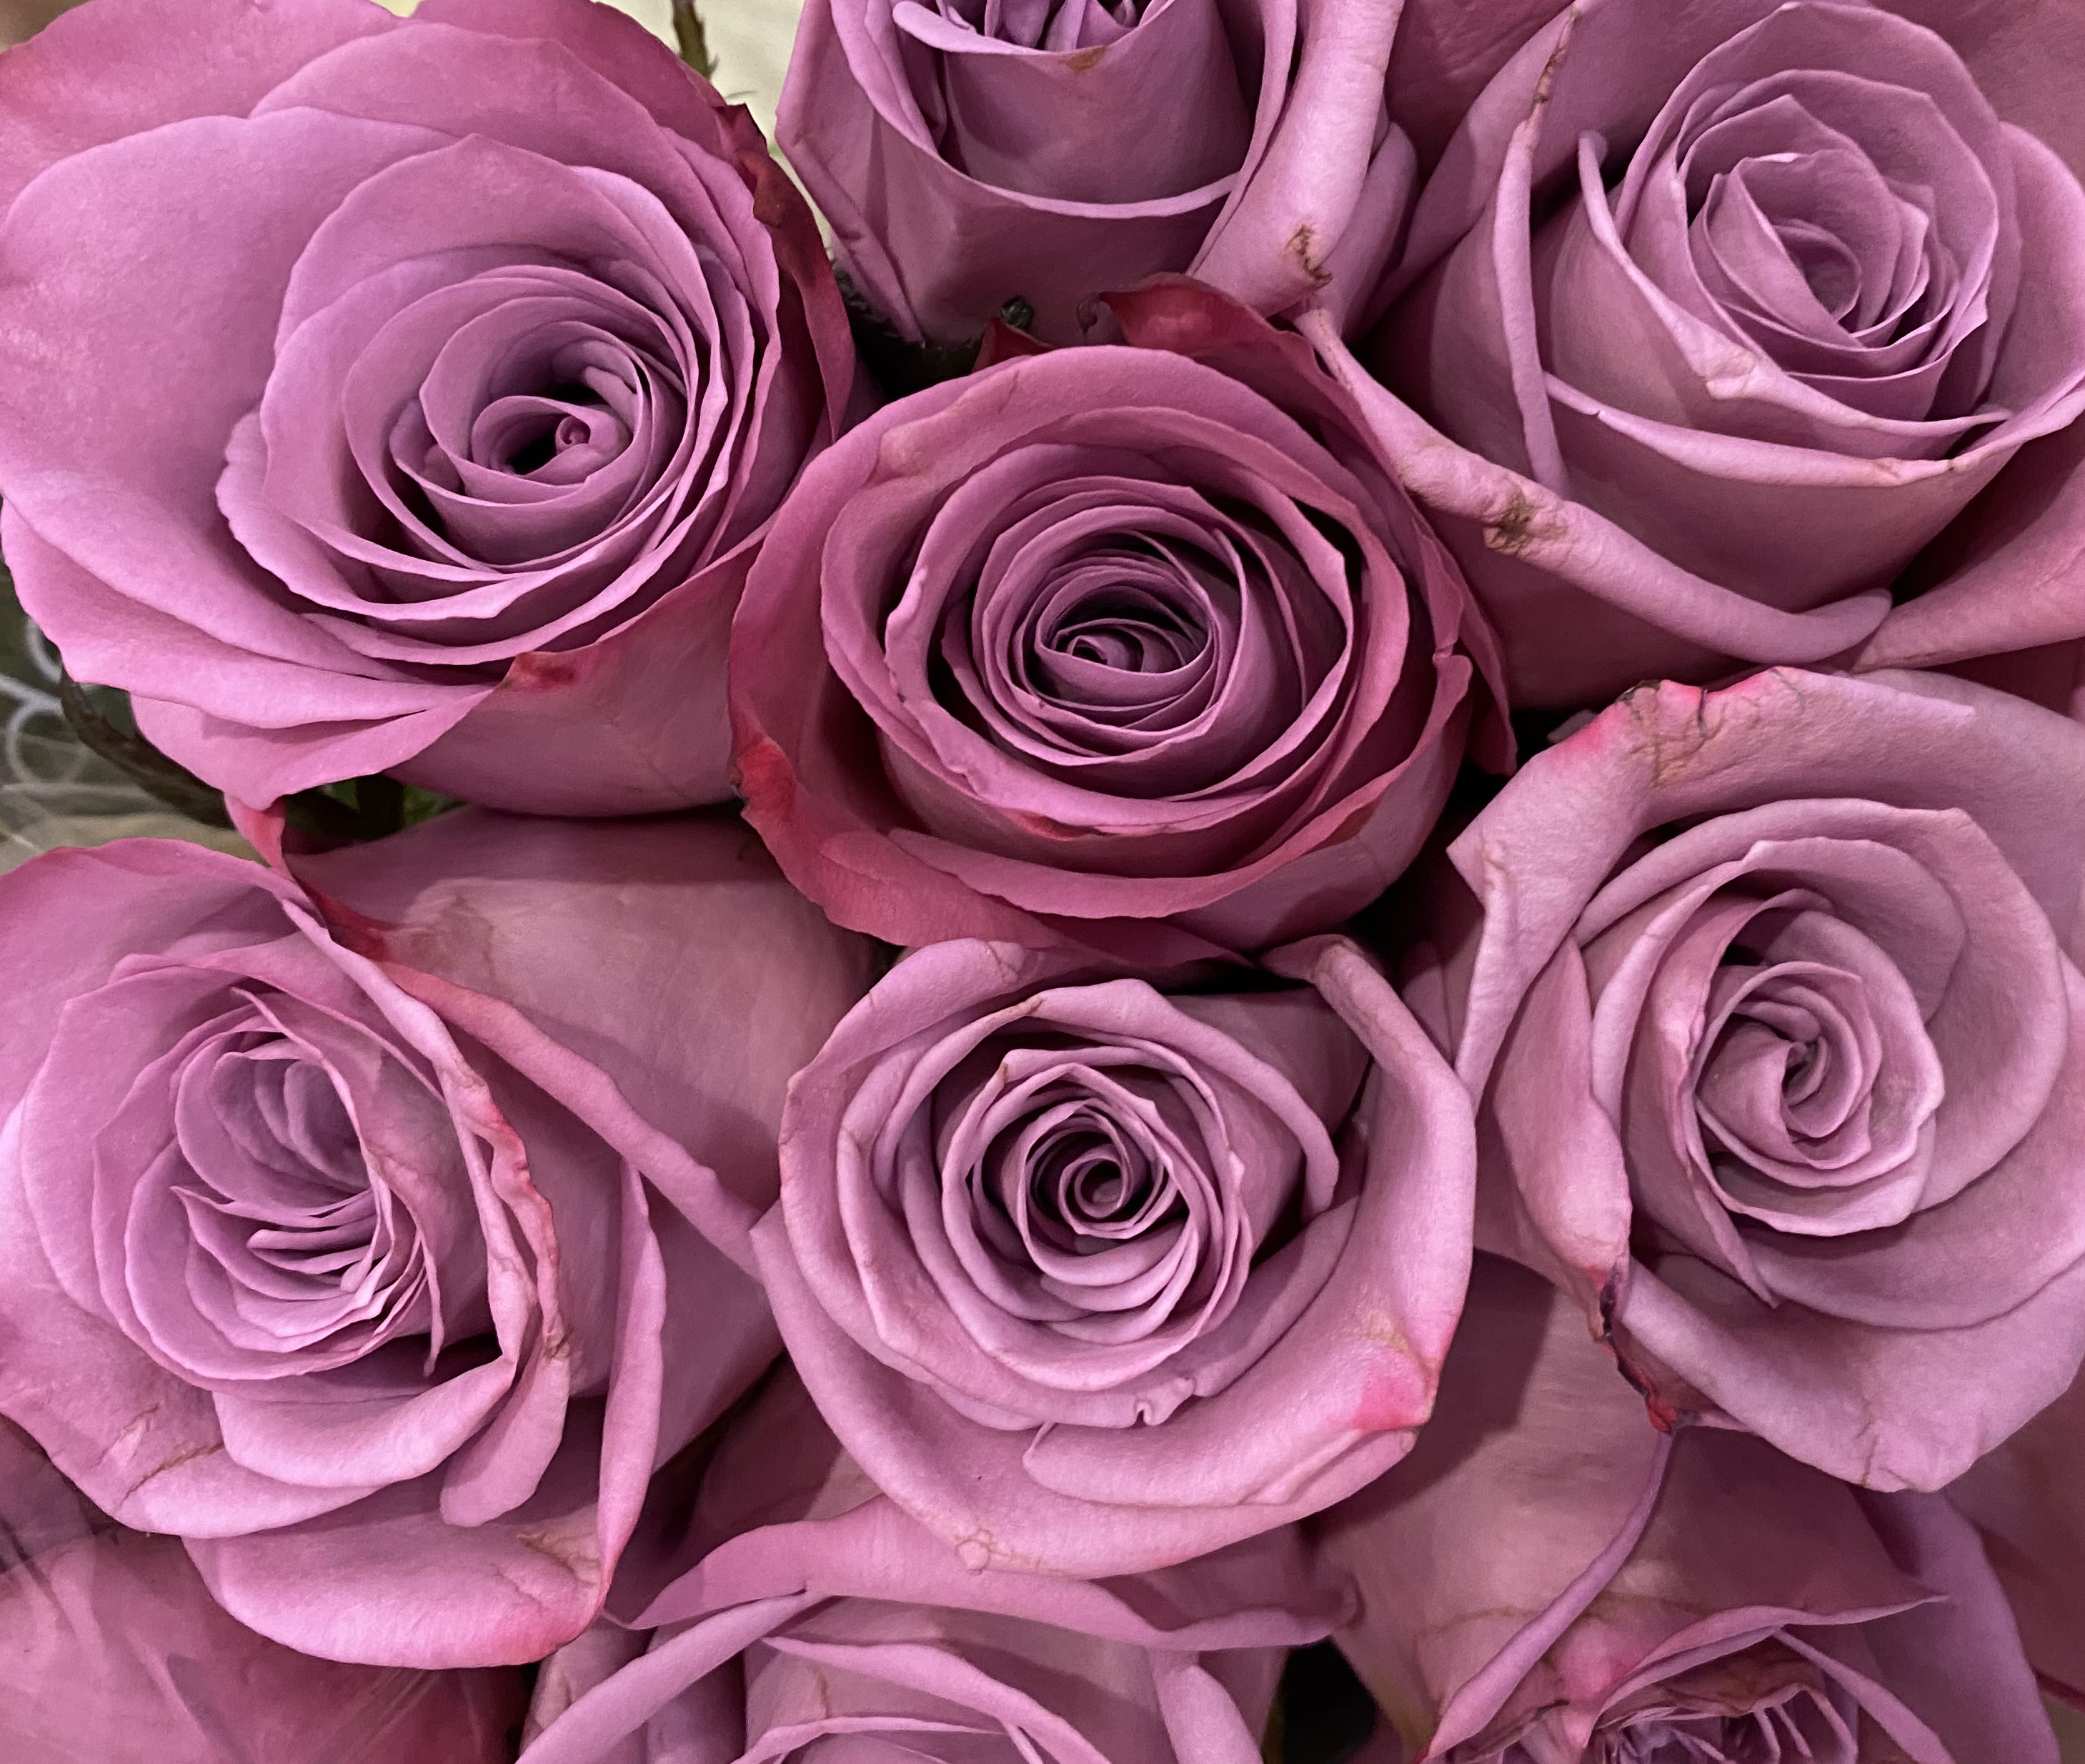 Rose 5_26_7